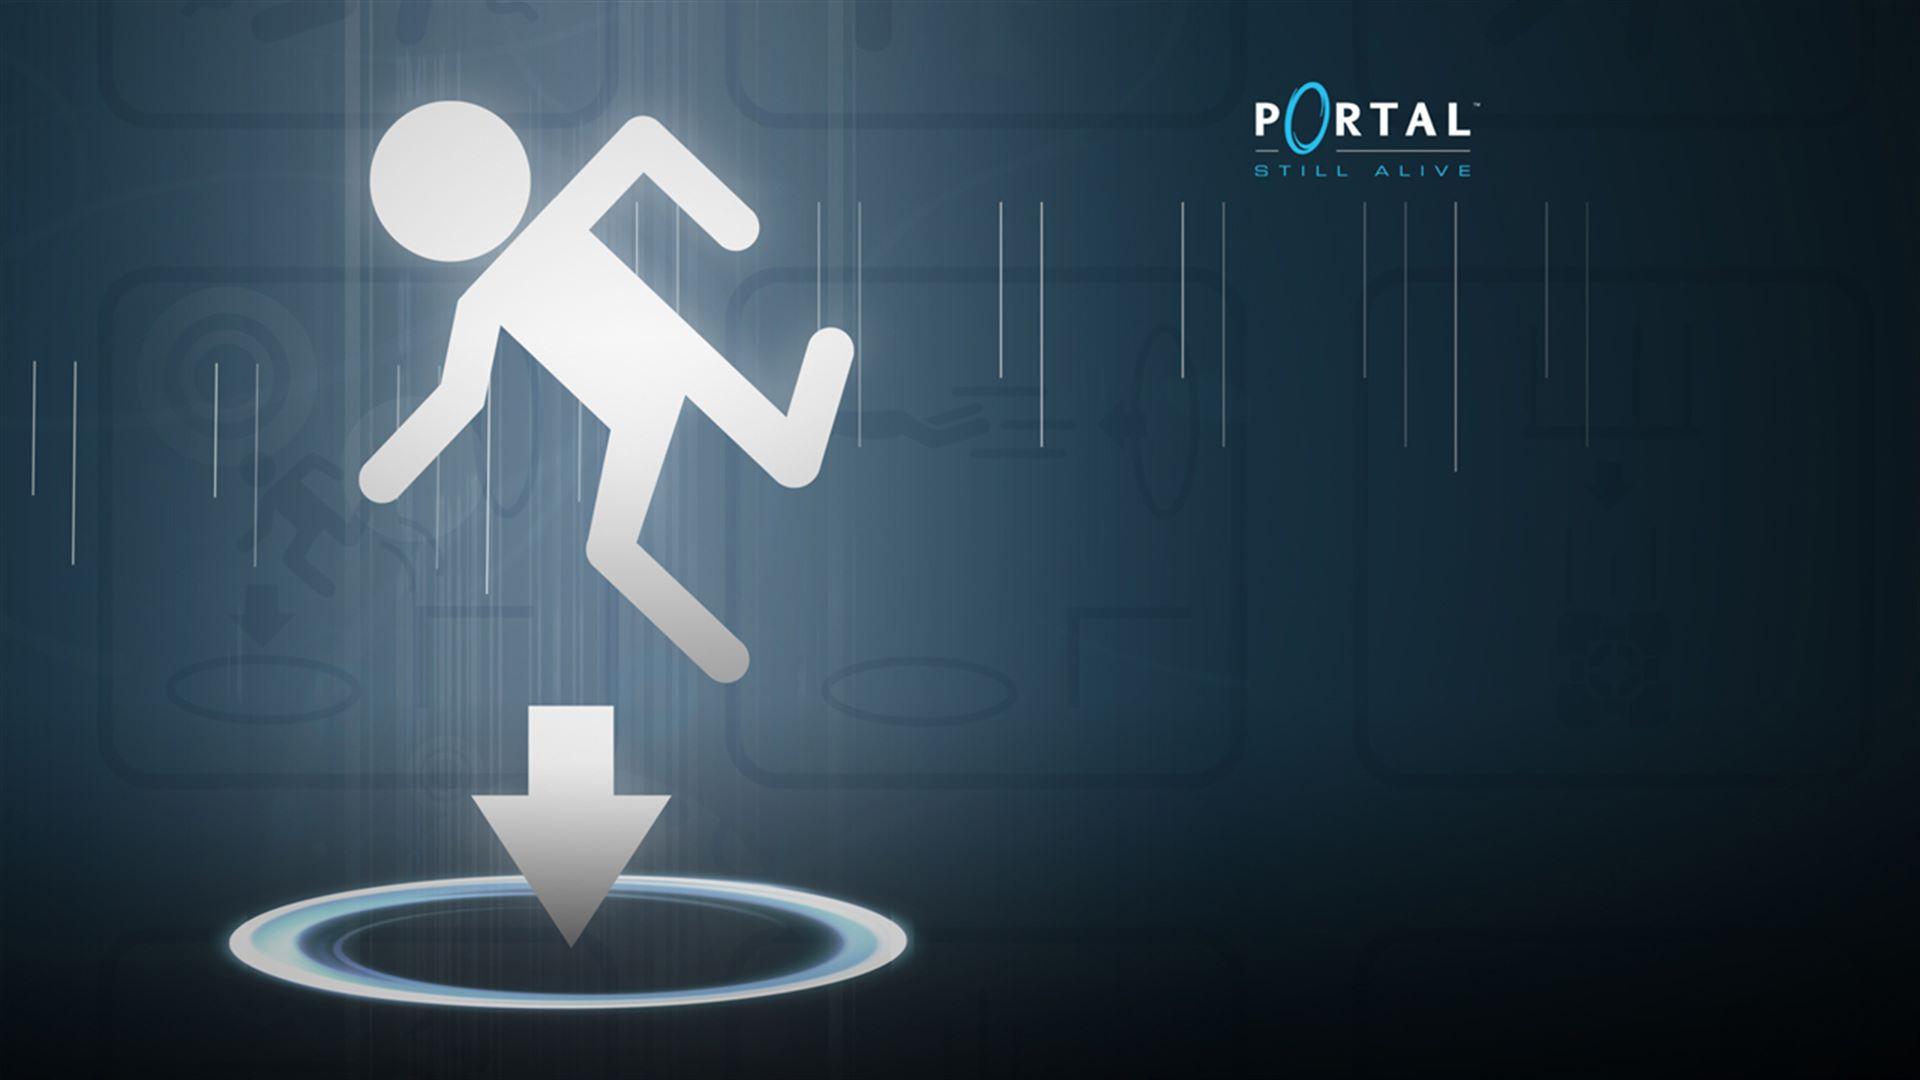 《传送门》速攻玩家打破纪录 耗时7分7秒通关